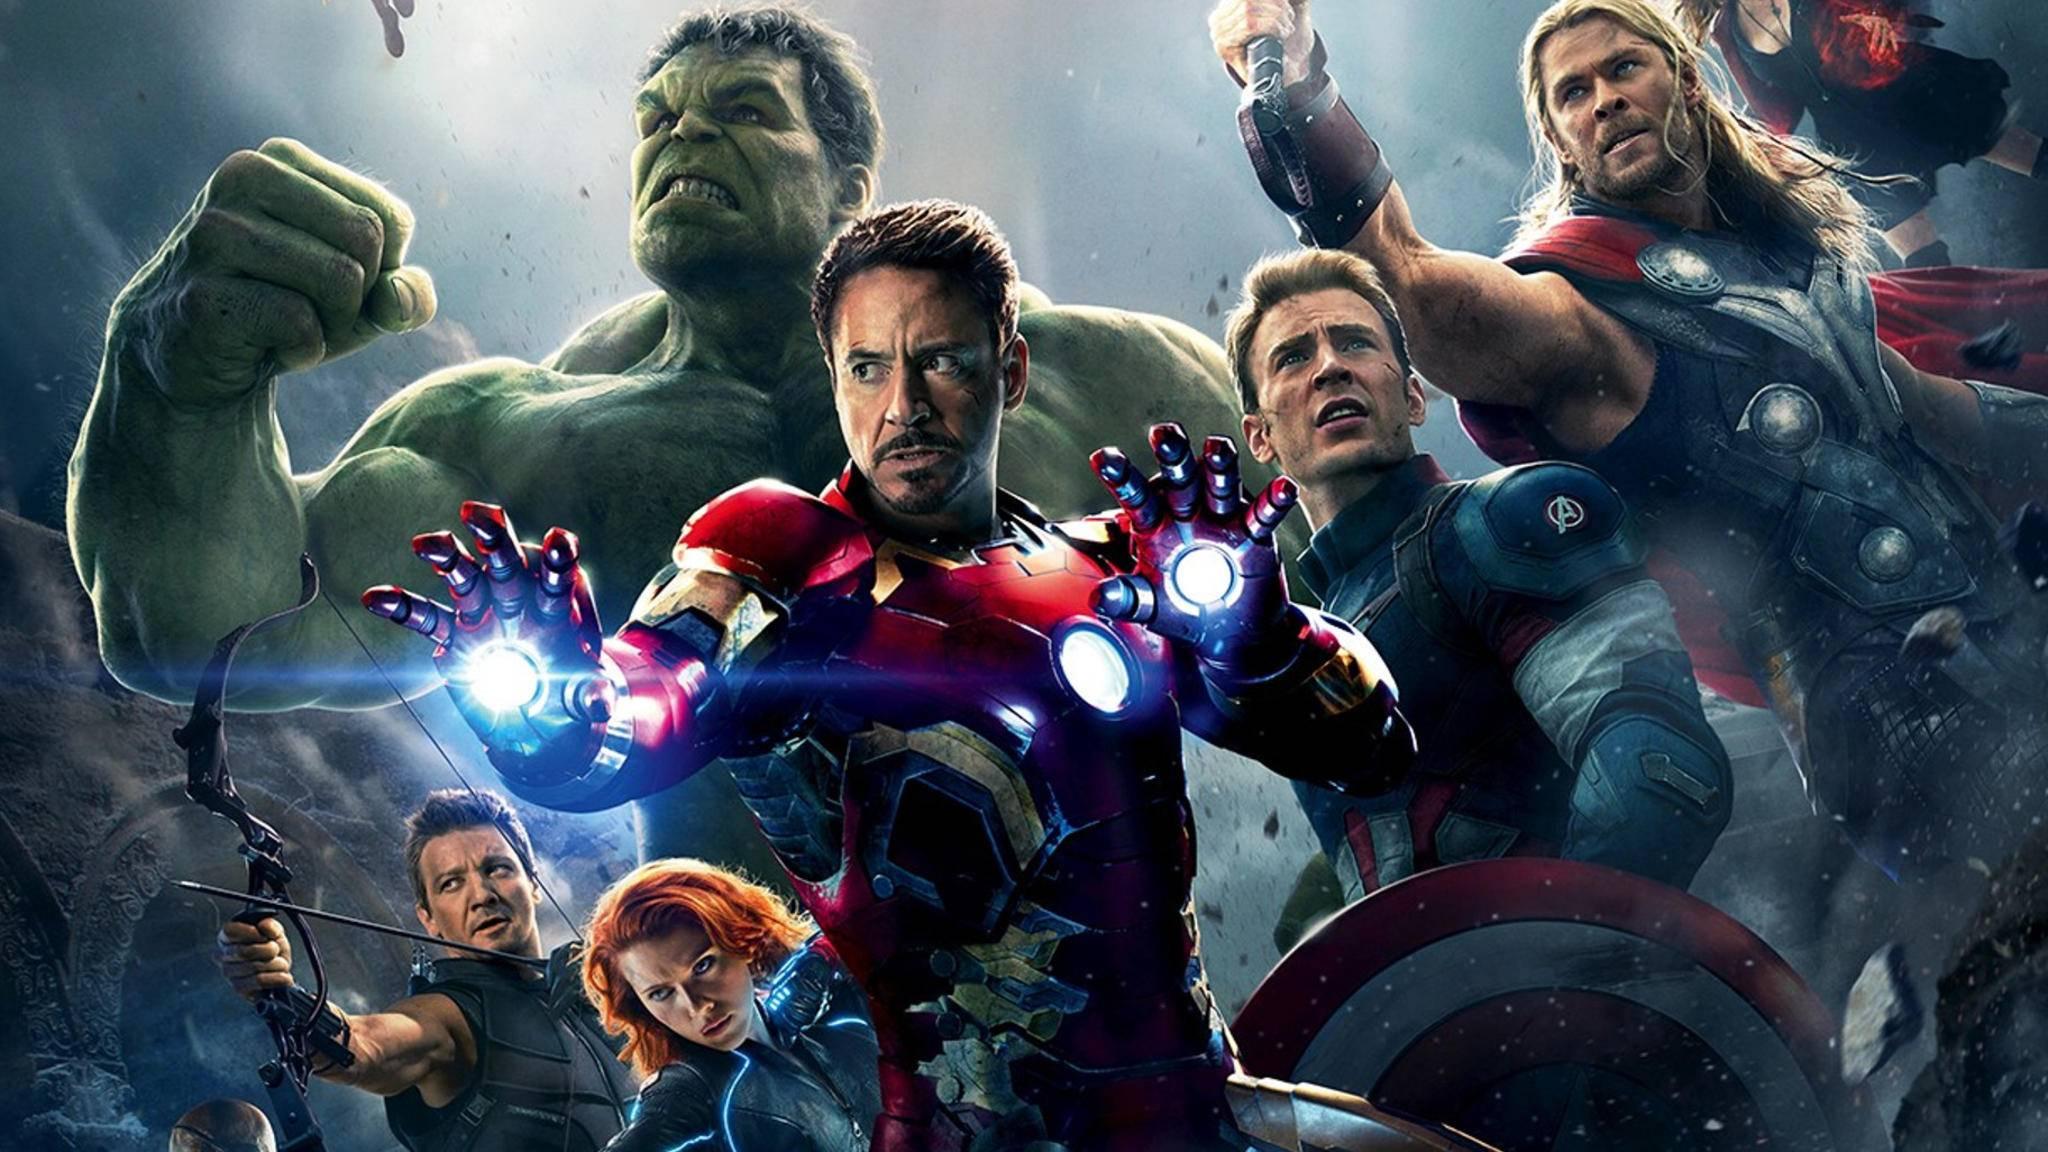 Nur nicht den Durchblick verlieren: In dieser Abfolge schaust Du die Marvel-Filme richtig.